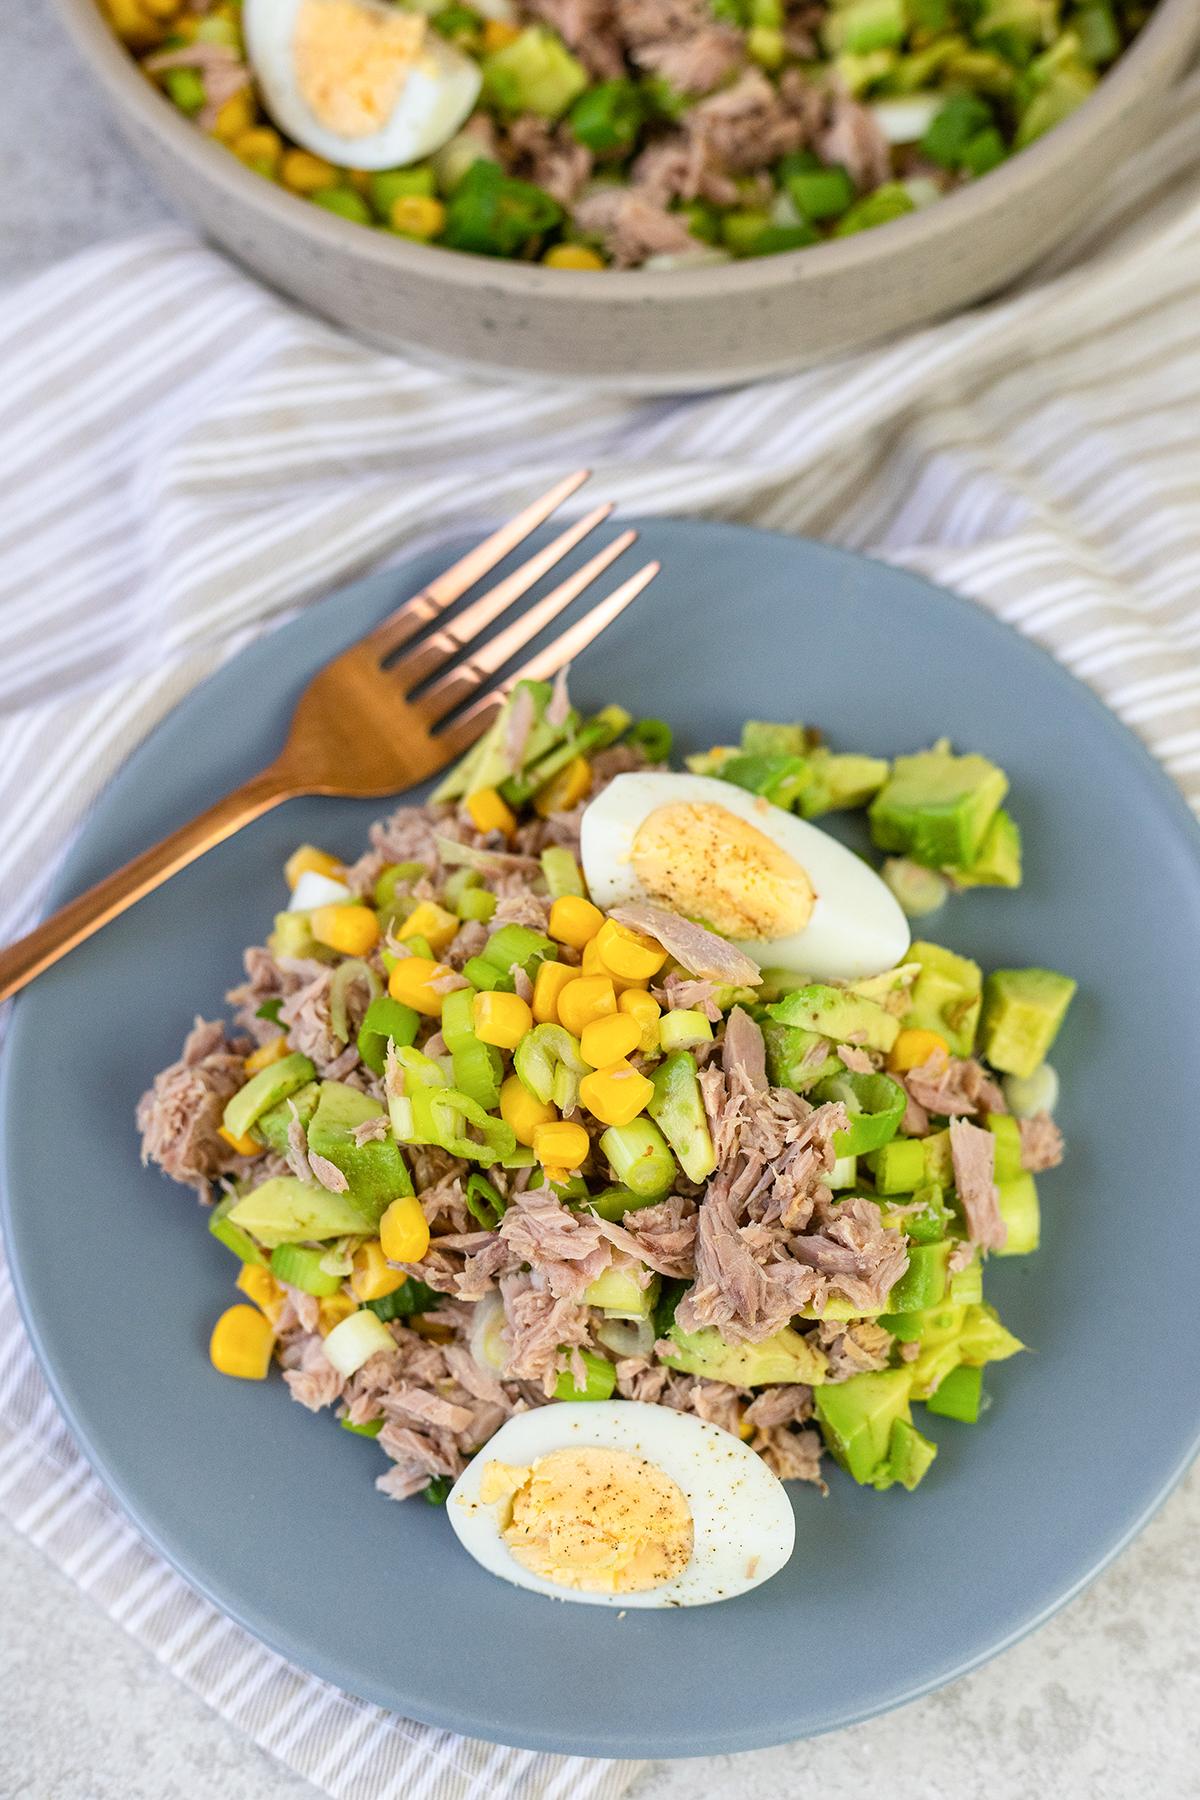 a big bowl of the salad #tunaavocadosalad #tunasalad #lunchrecipes #healthyrecipes #easysalad